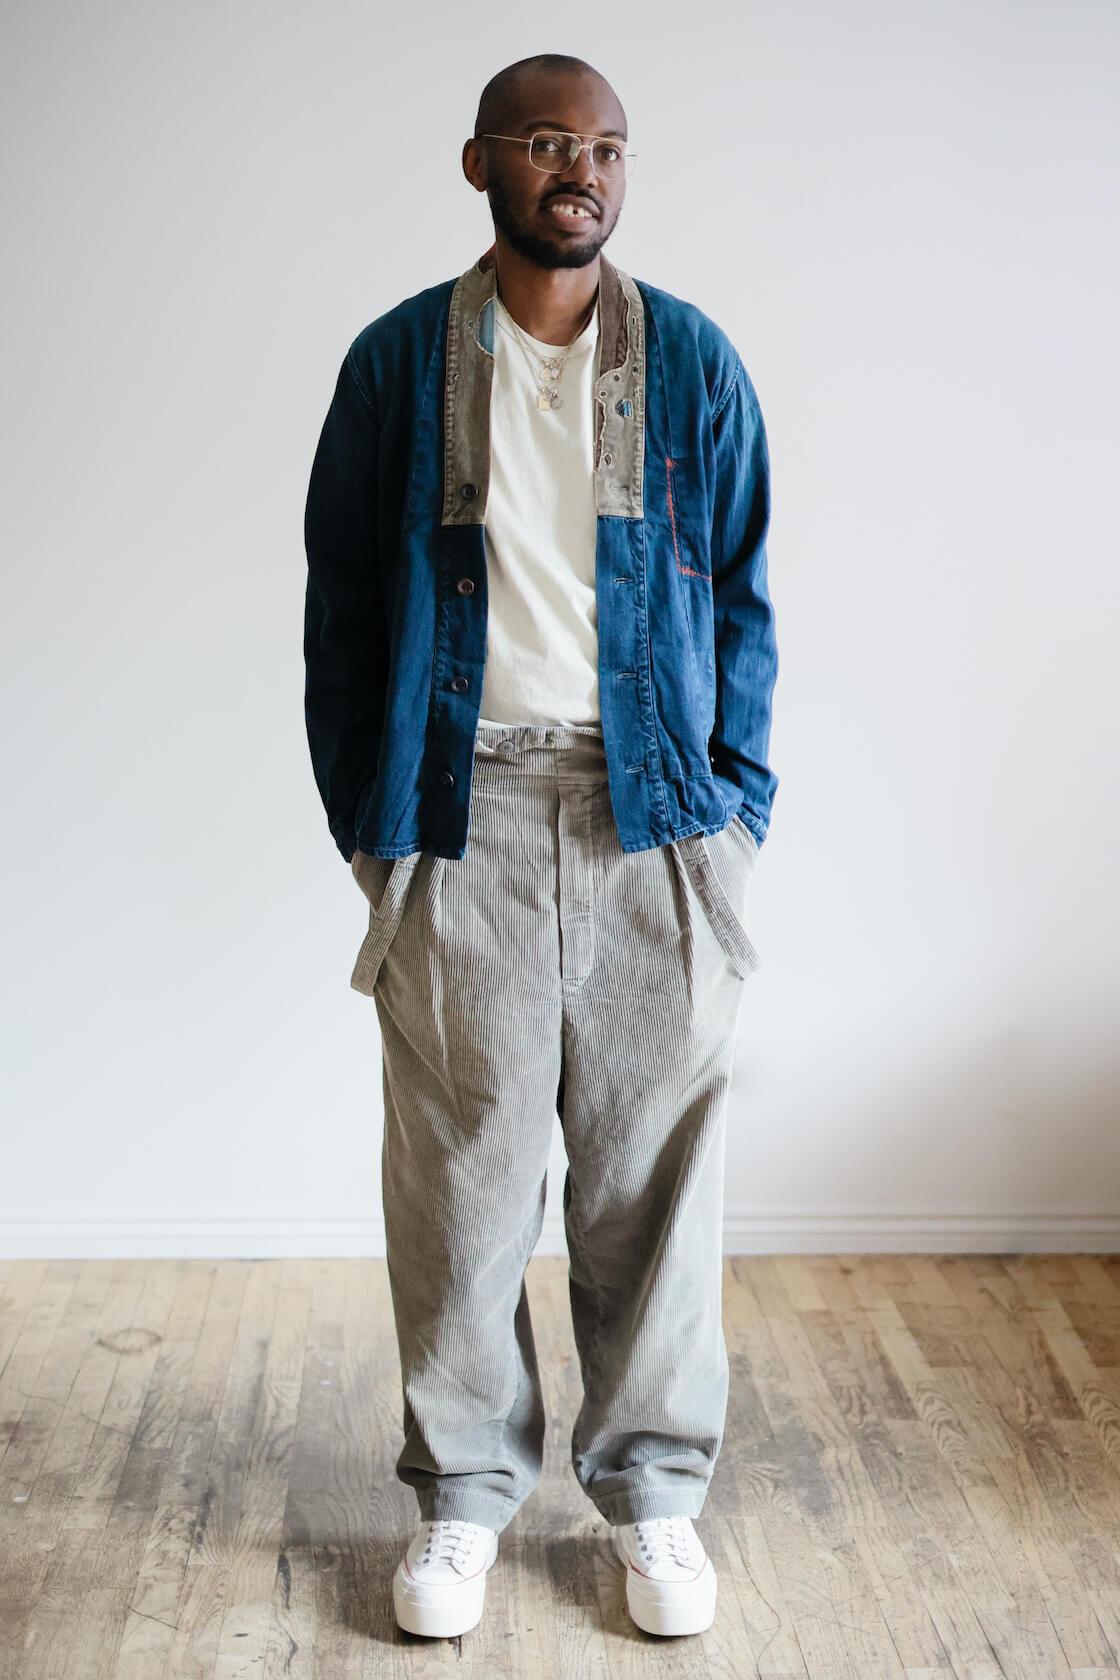 kapital 8w corduroy bash overalls and jubbahn shirt on body